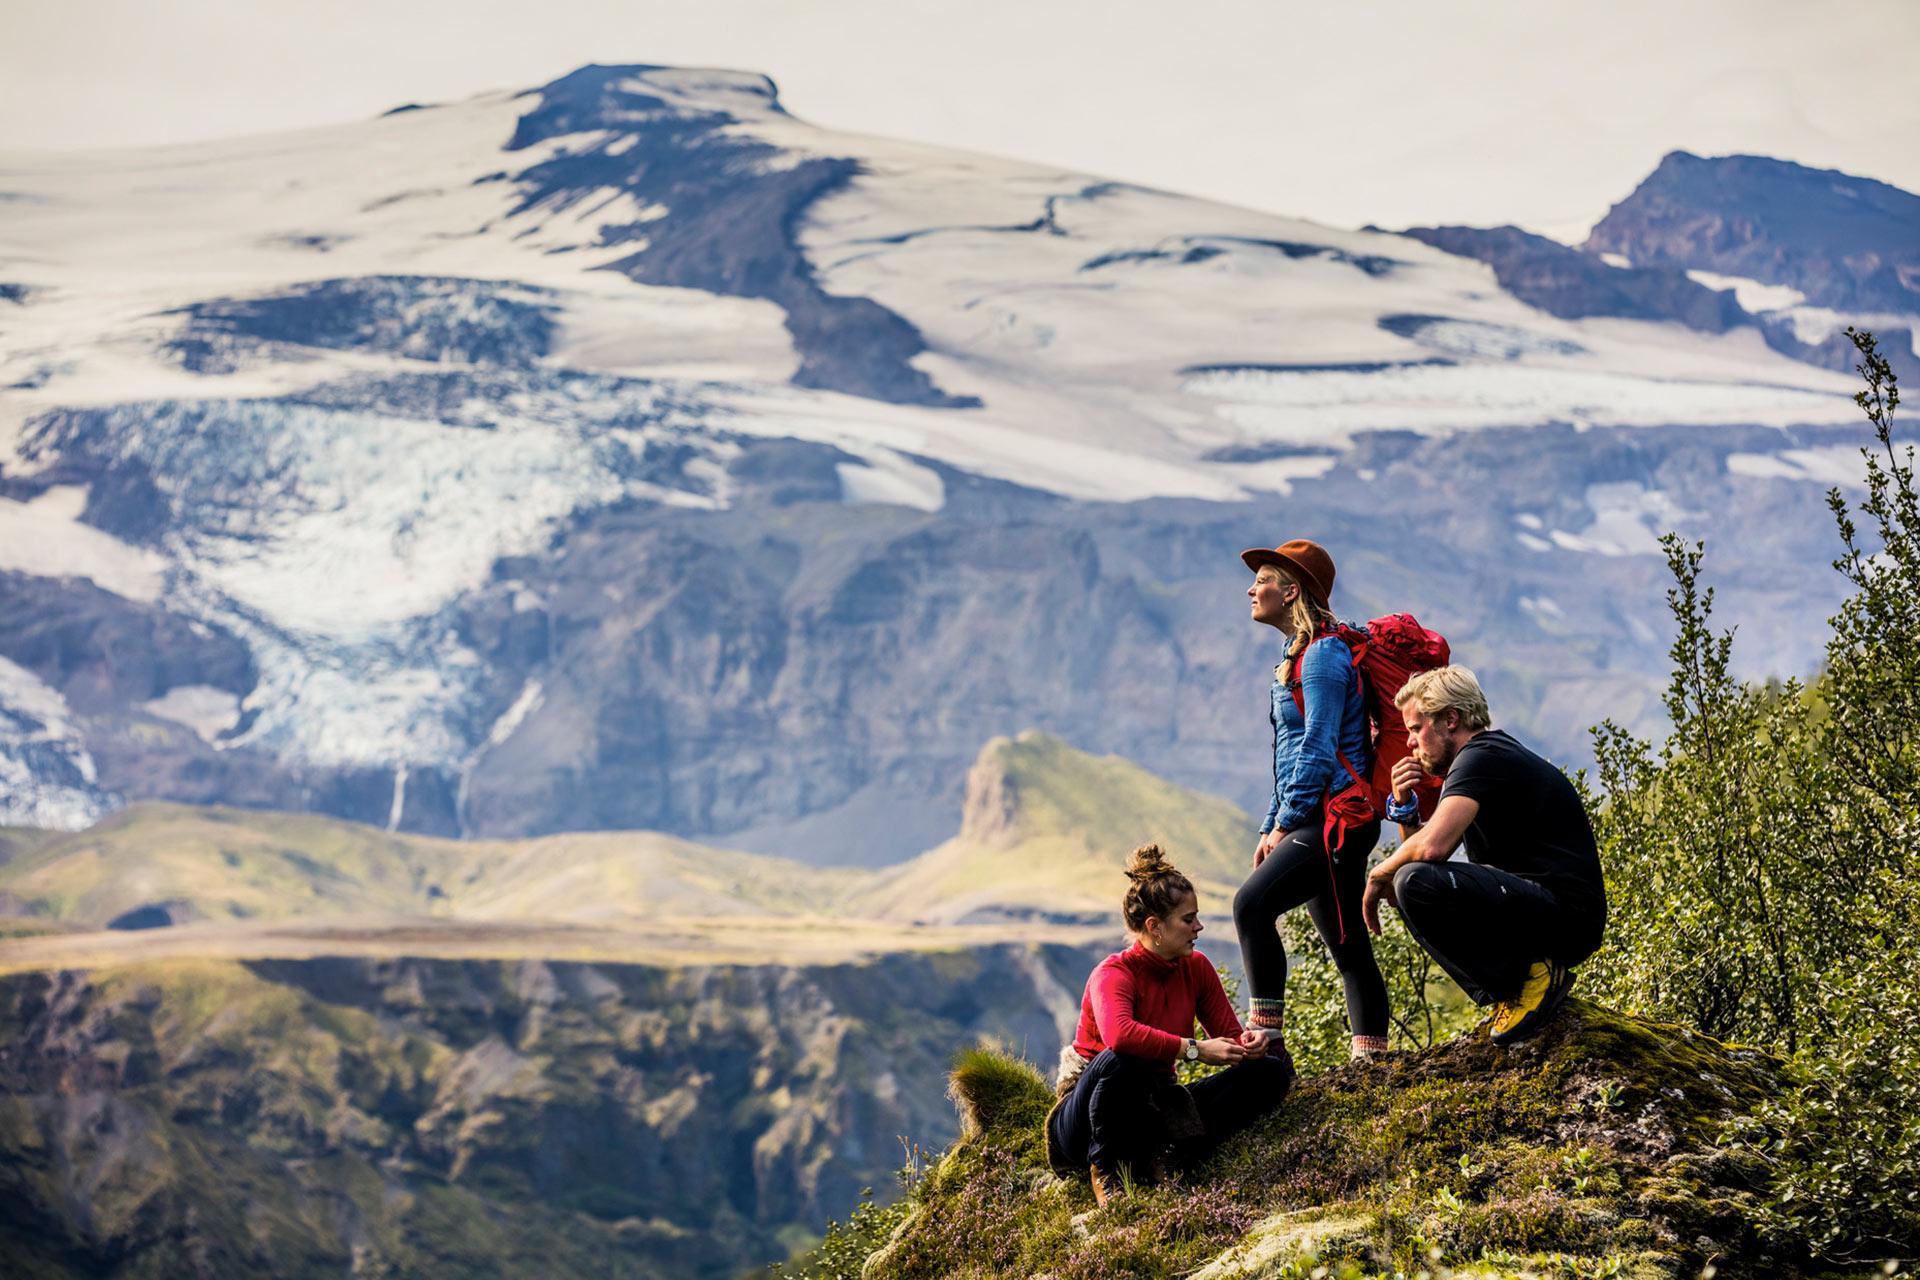 Vous aurez une vue fantastique sur les paysages islandais lors d'une randonnée dans la vallée de Thórsmörk.